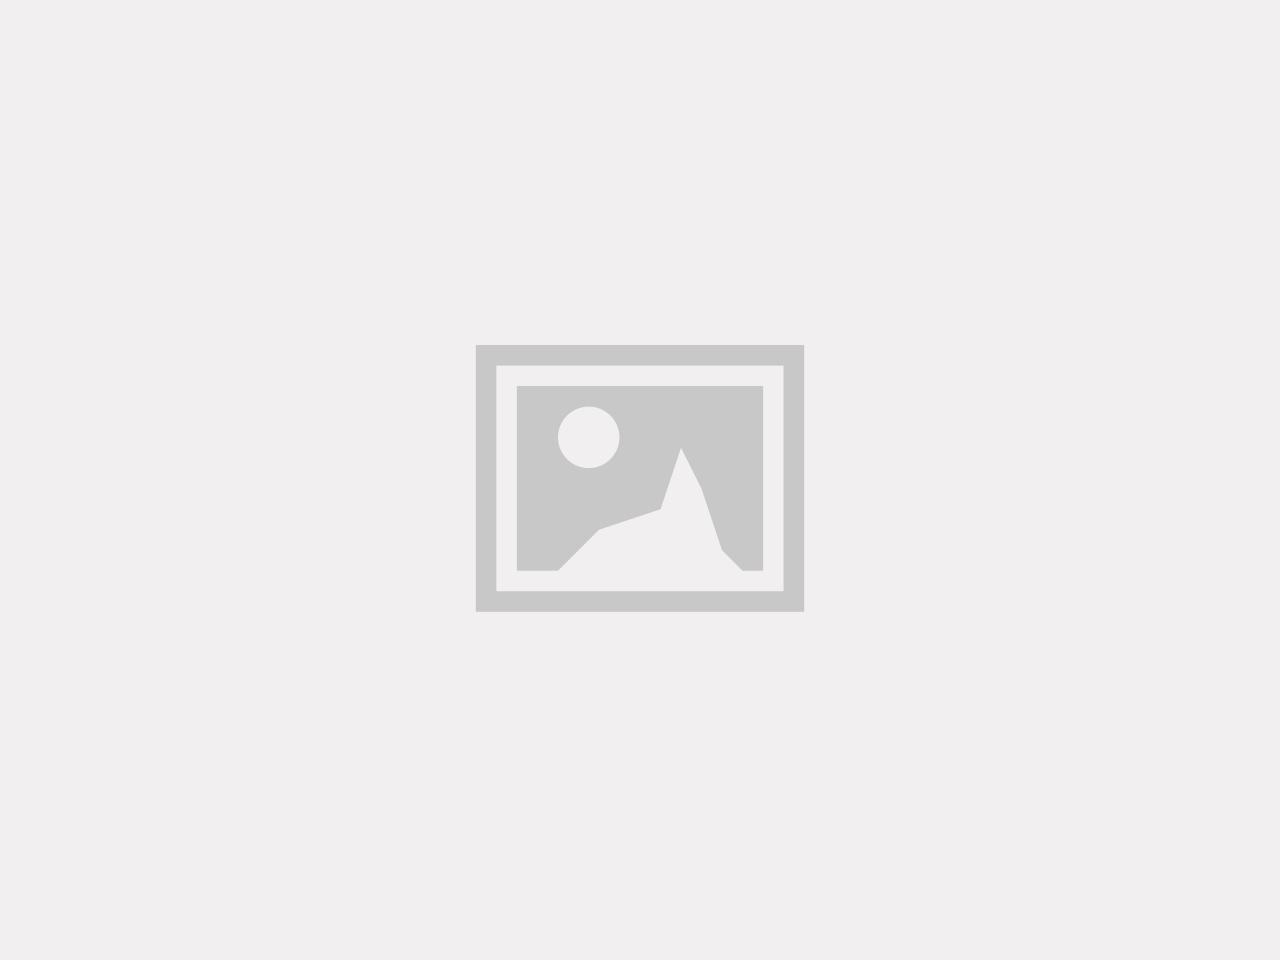 Surdegsfralla med leverpastej o smörgåsgurka